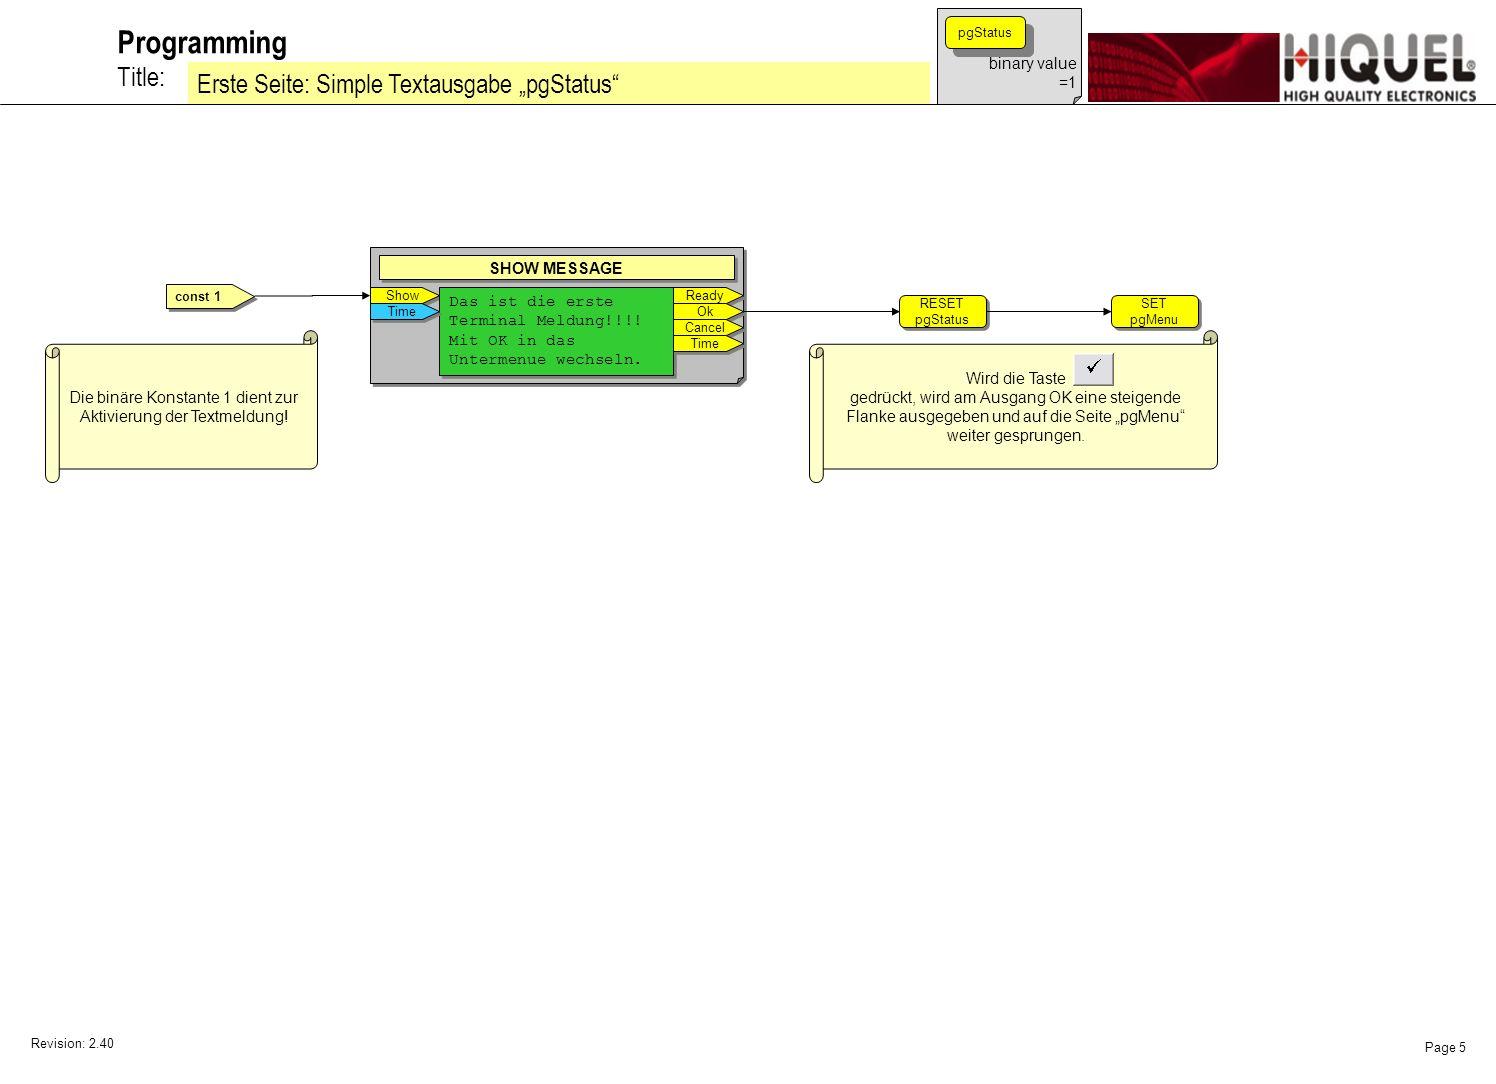 Revision: 2.40 Page 5 Title: Programming Erste Seite: Simple Textausgabe pgStatus binary value =1 pgStatus Show SHOW MESSAGE Das ist die erste Terminal Meldung!!!.